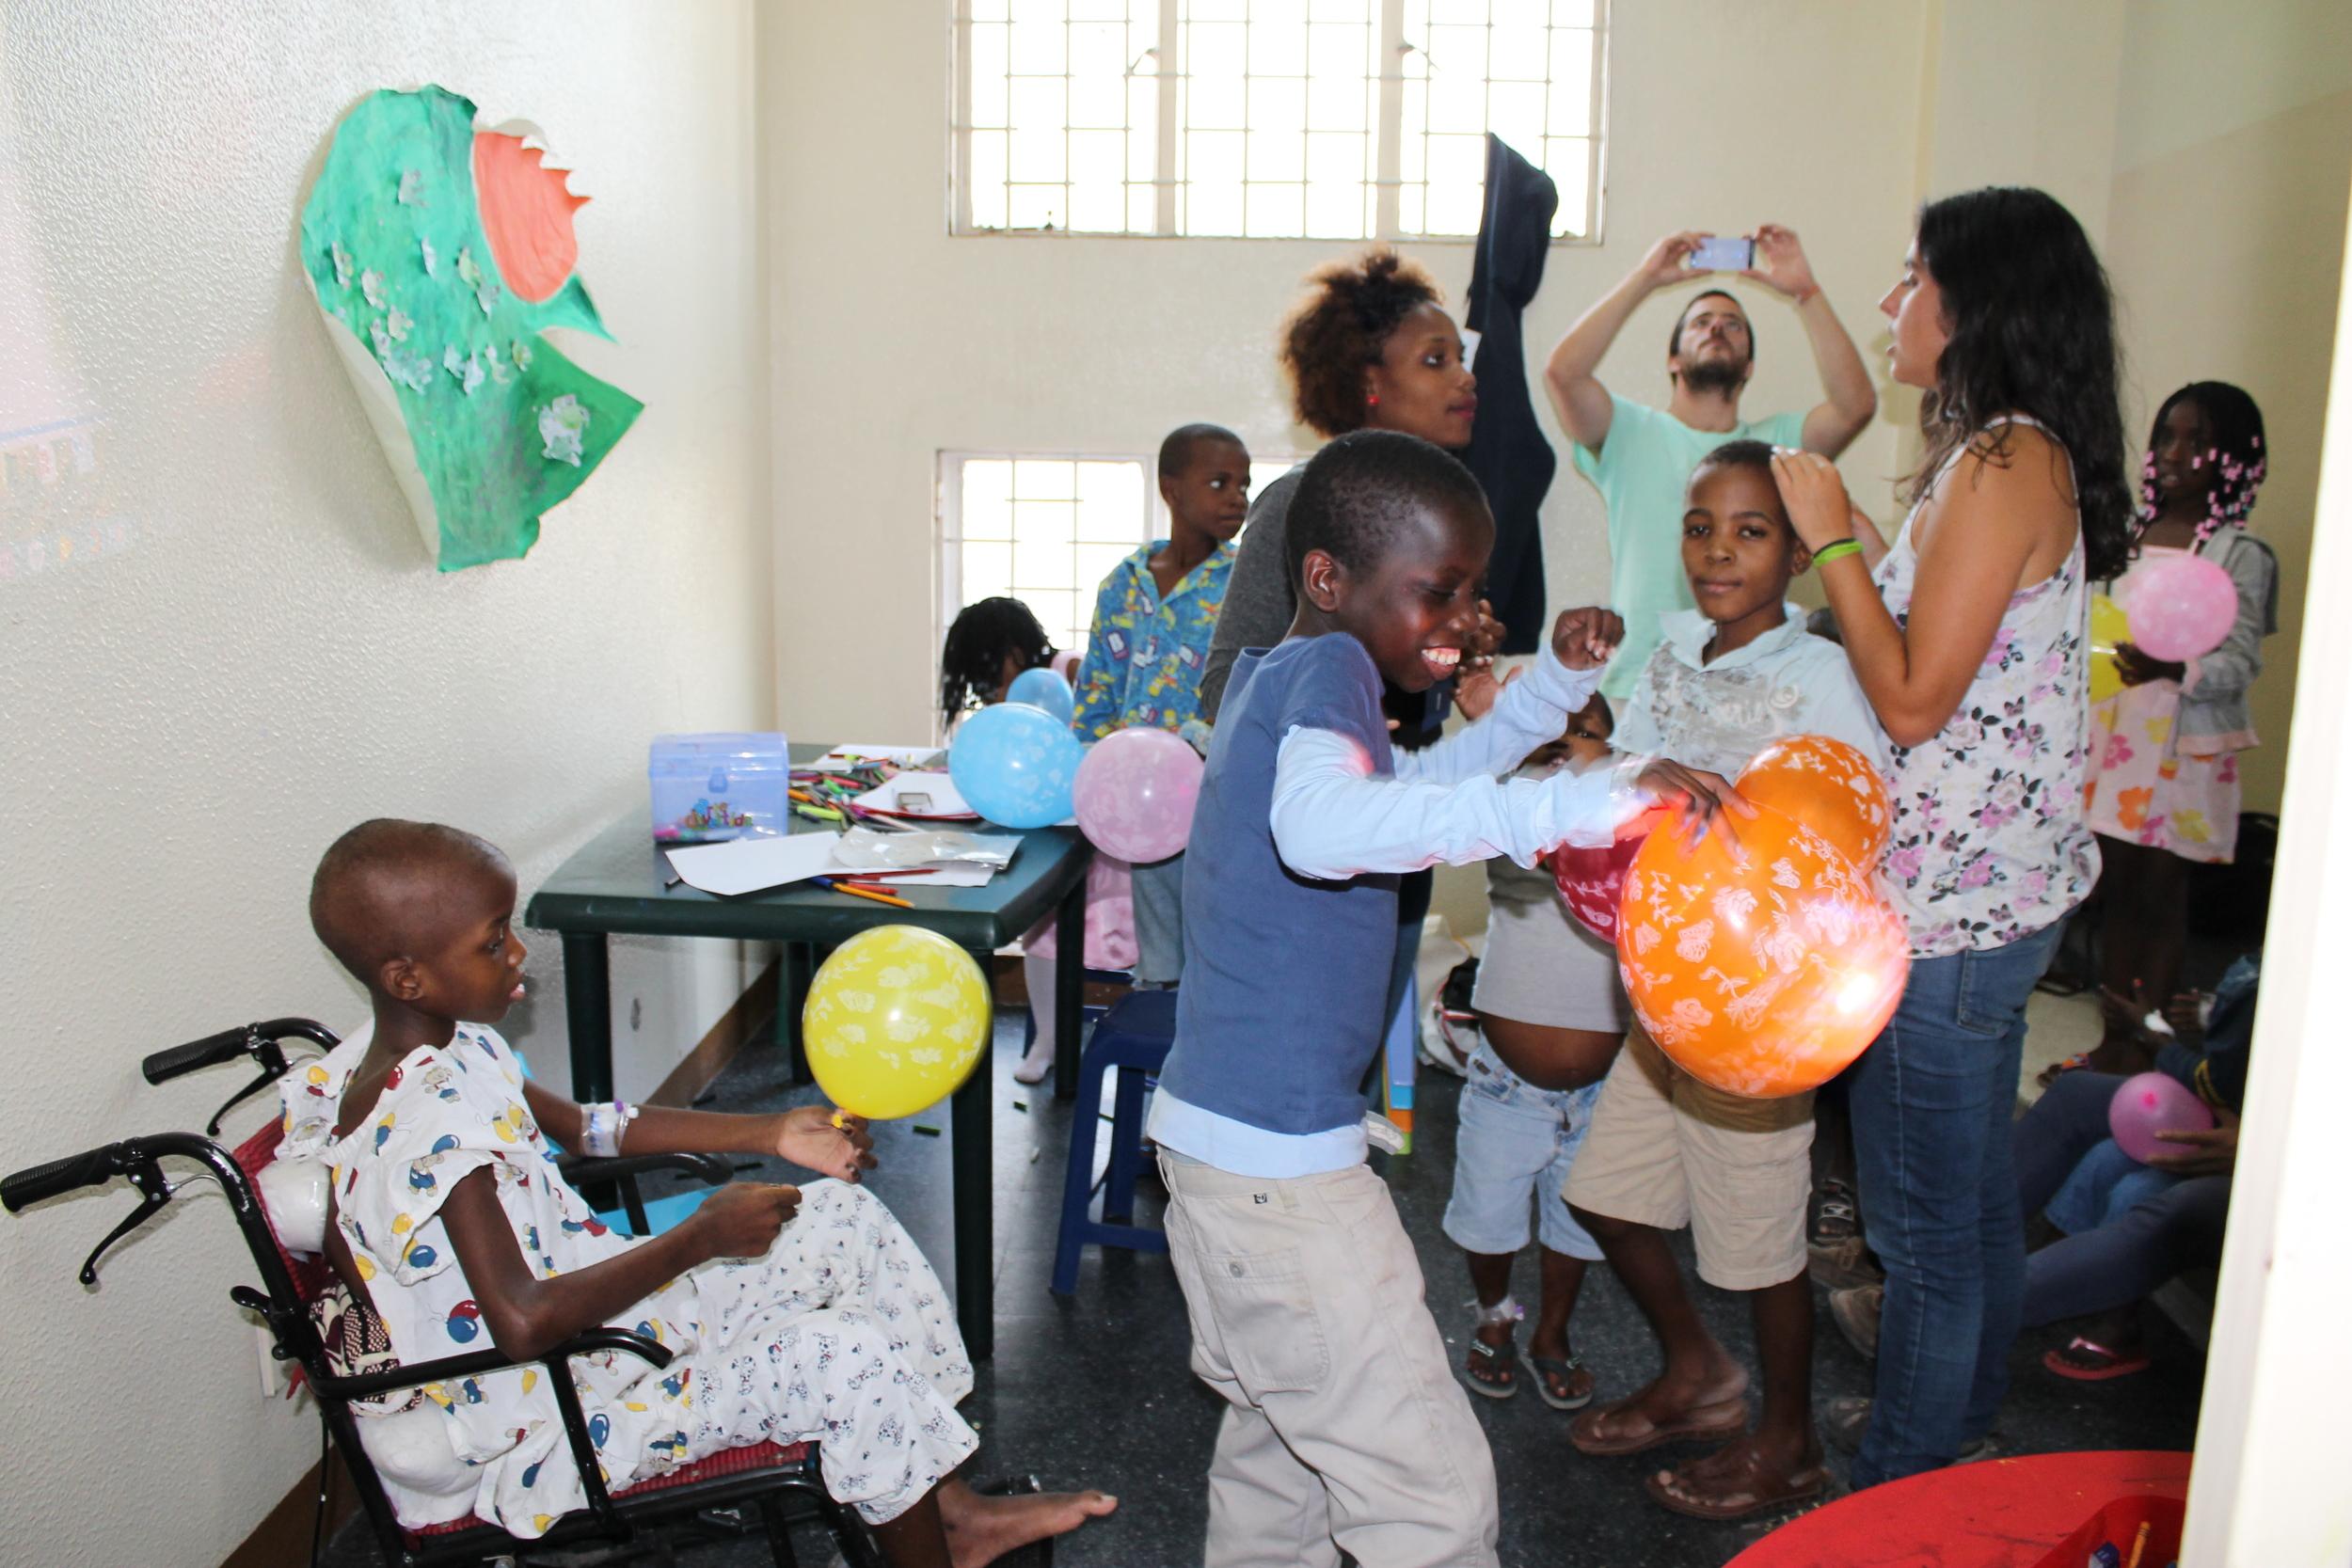 Último dia de actividades no HCM com crianças e voluntários da ALCC